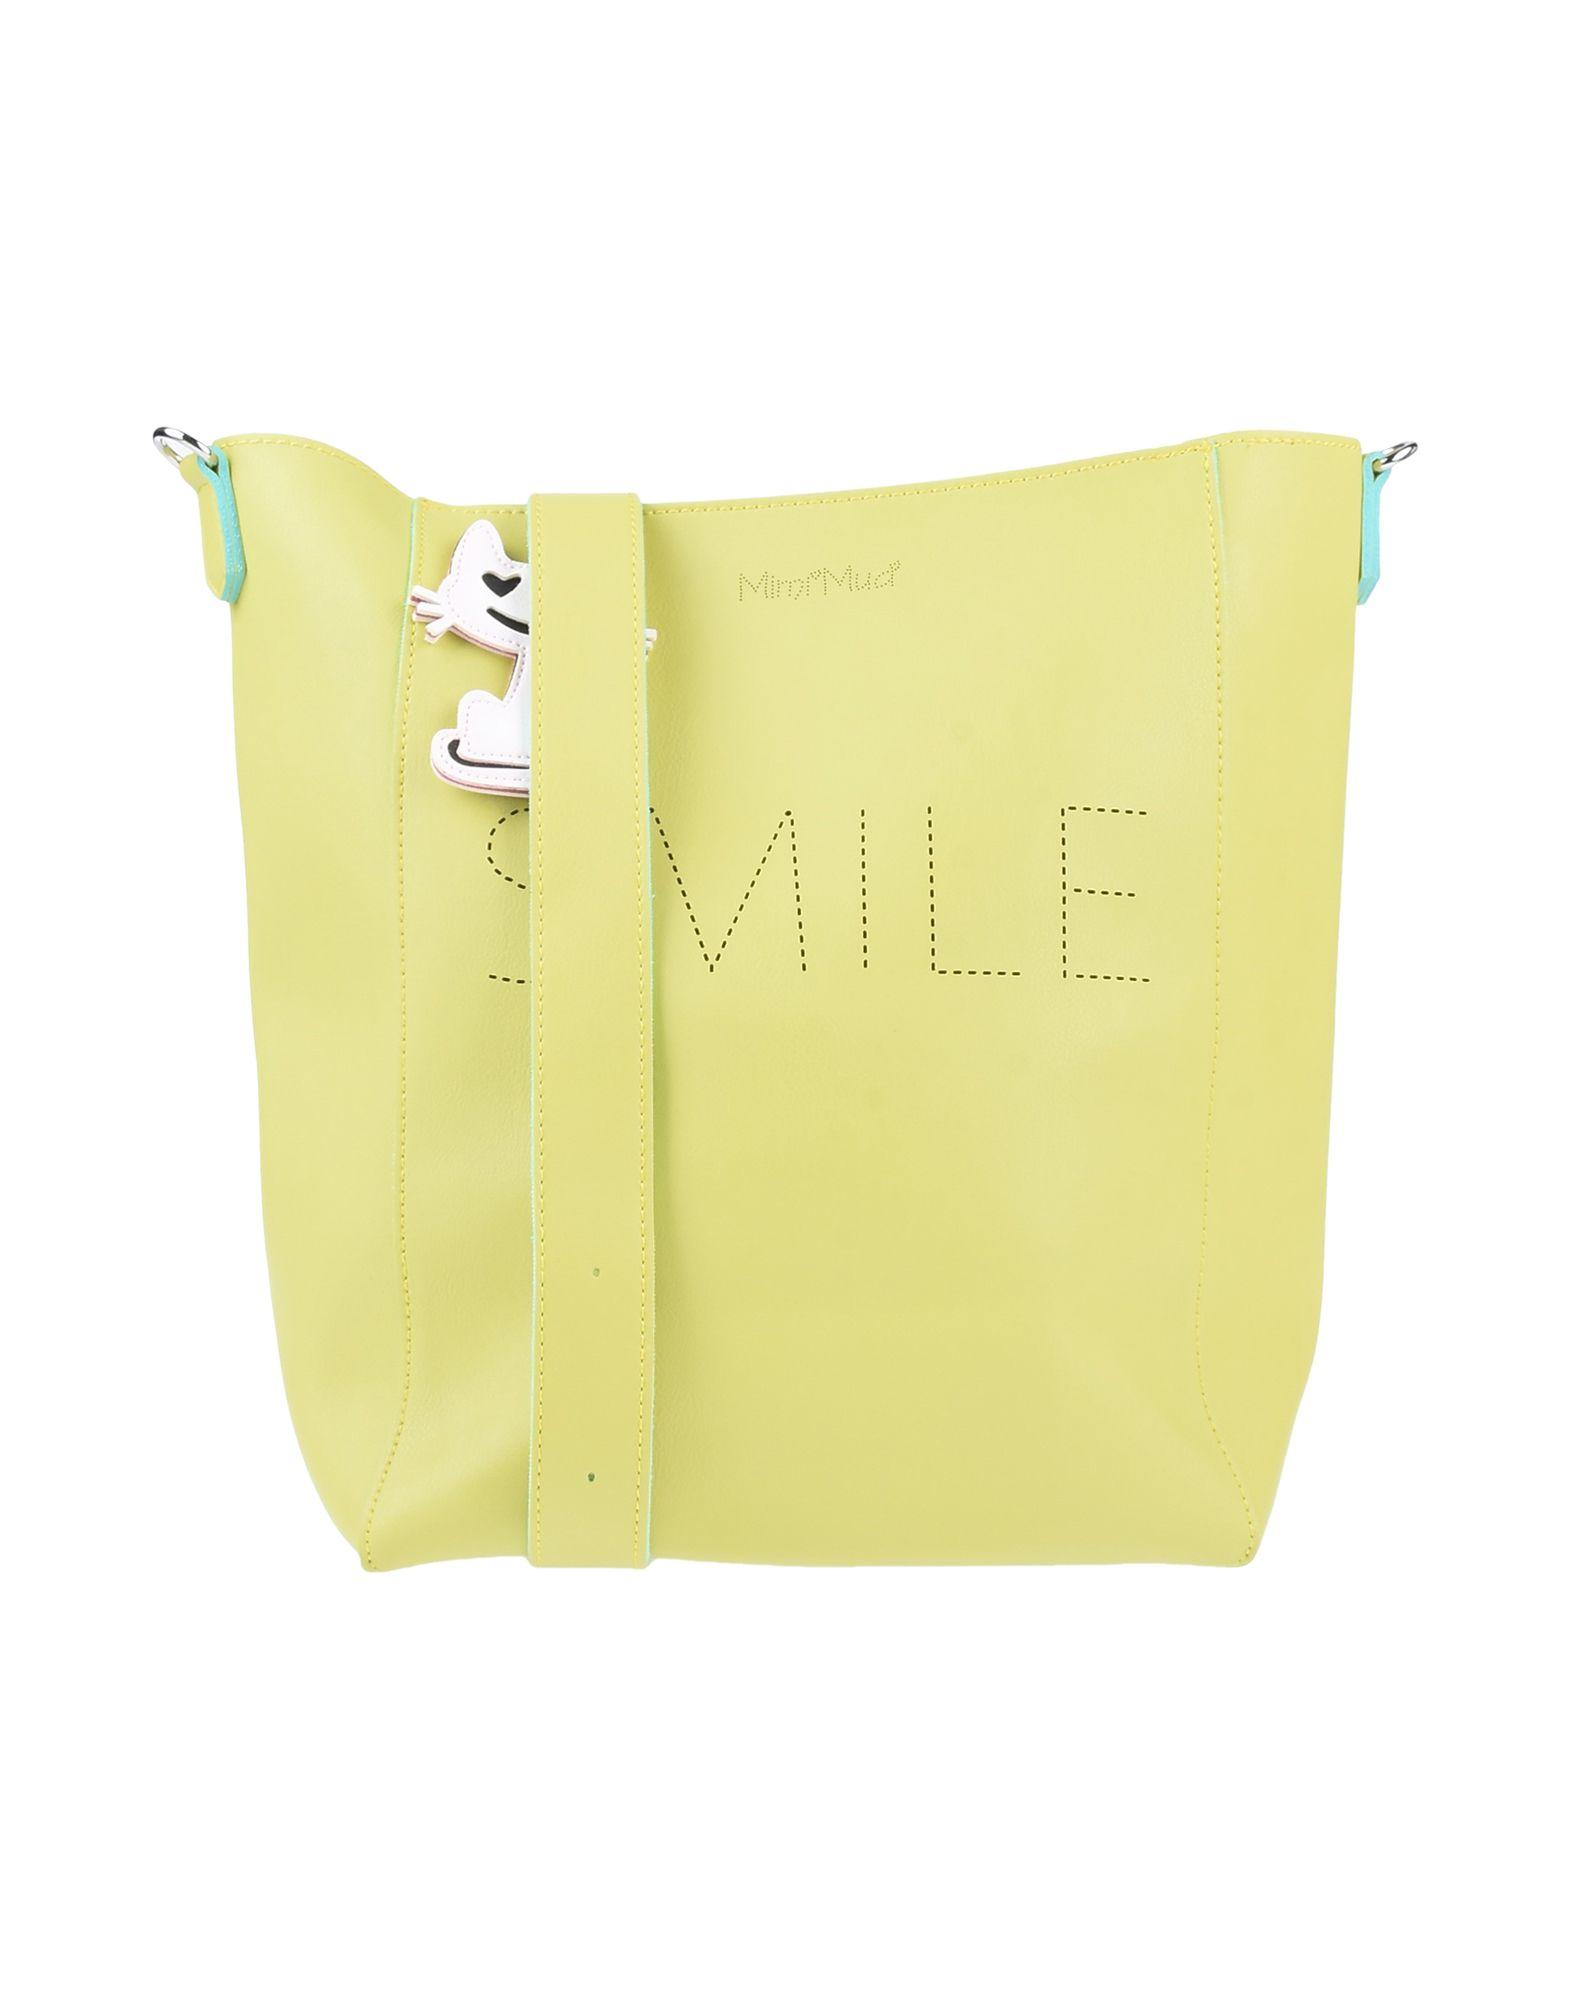 《送料無料》MIMI-MU? Firenze レディース メッセンジャーバッグ ビタミングリーン ポリウレタン 65% / ポリエステル 35%